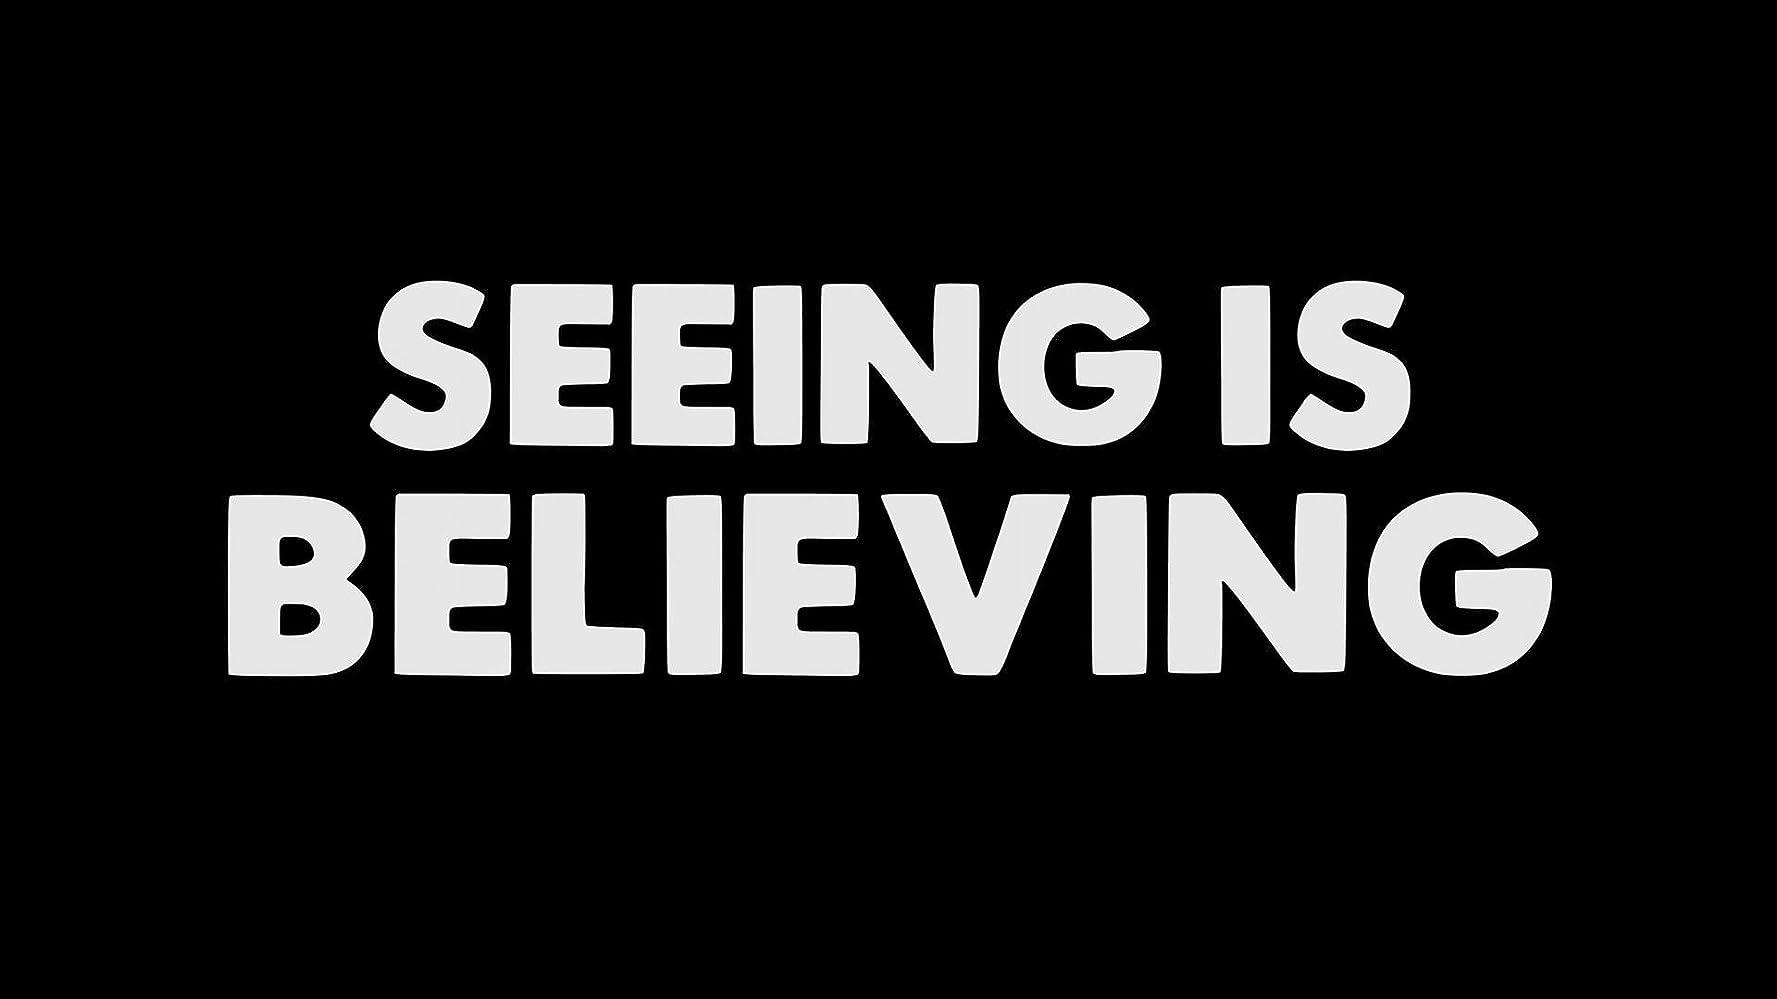 5ae8d1bd56 Seeing Is Believing (2018)